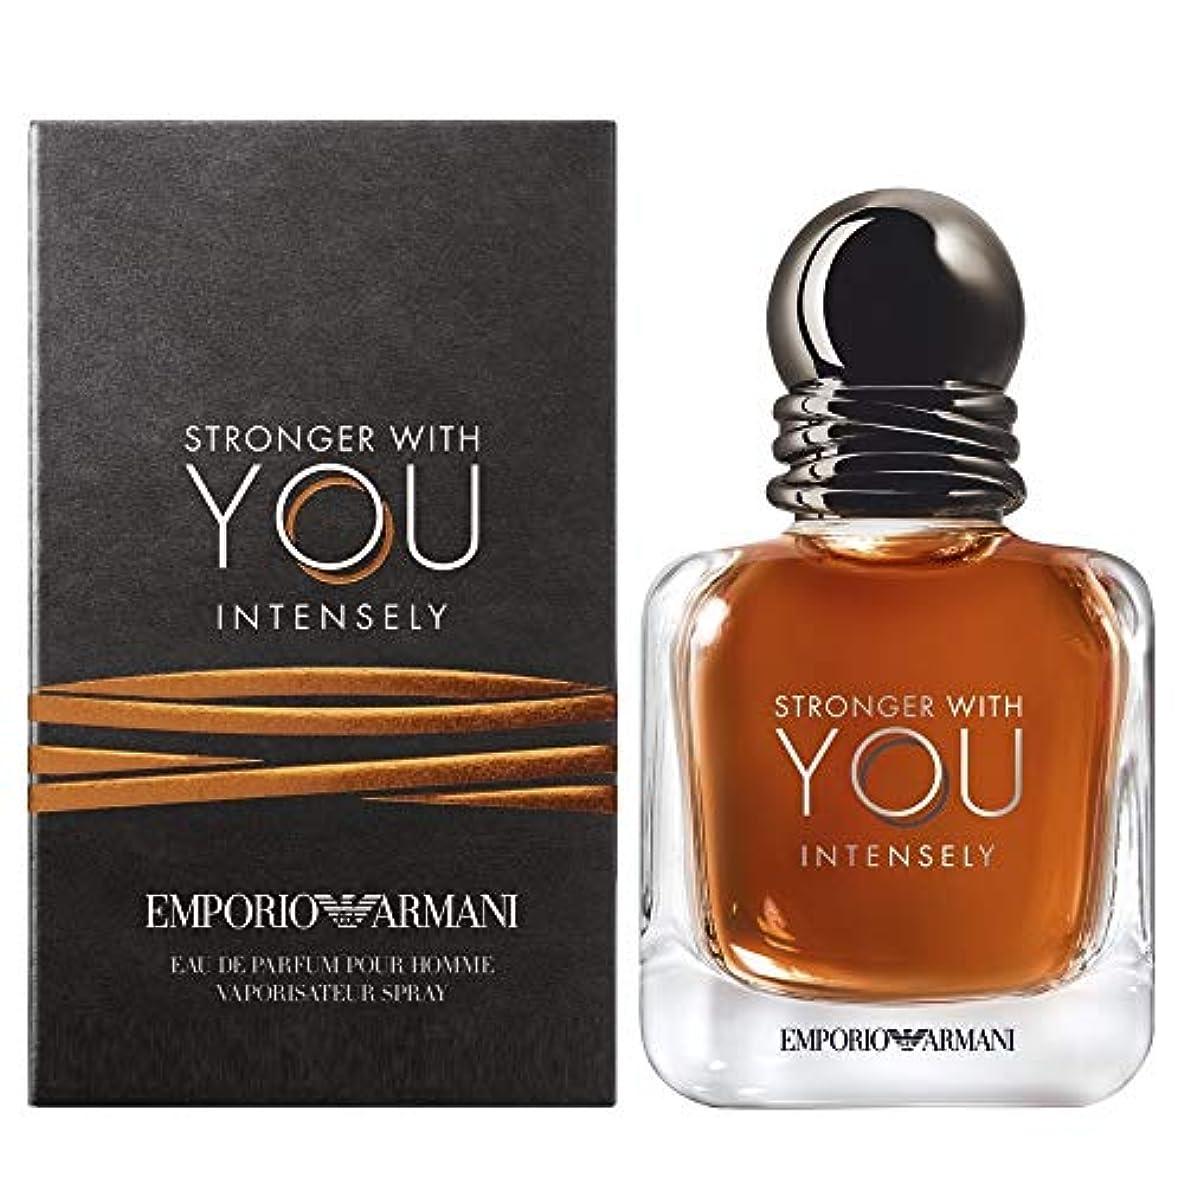 閉じる行動に頼るジョルジオアルマーニ Emporio Armani Stronger With You Intensely Eau De Parfum Spray 100ml/3.4oz並行輸入品